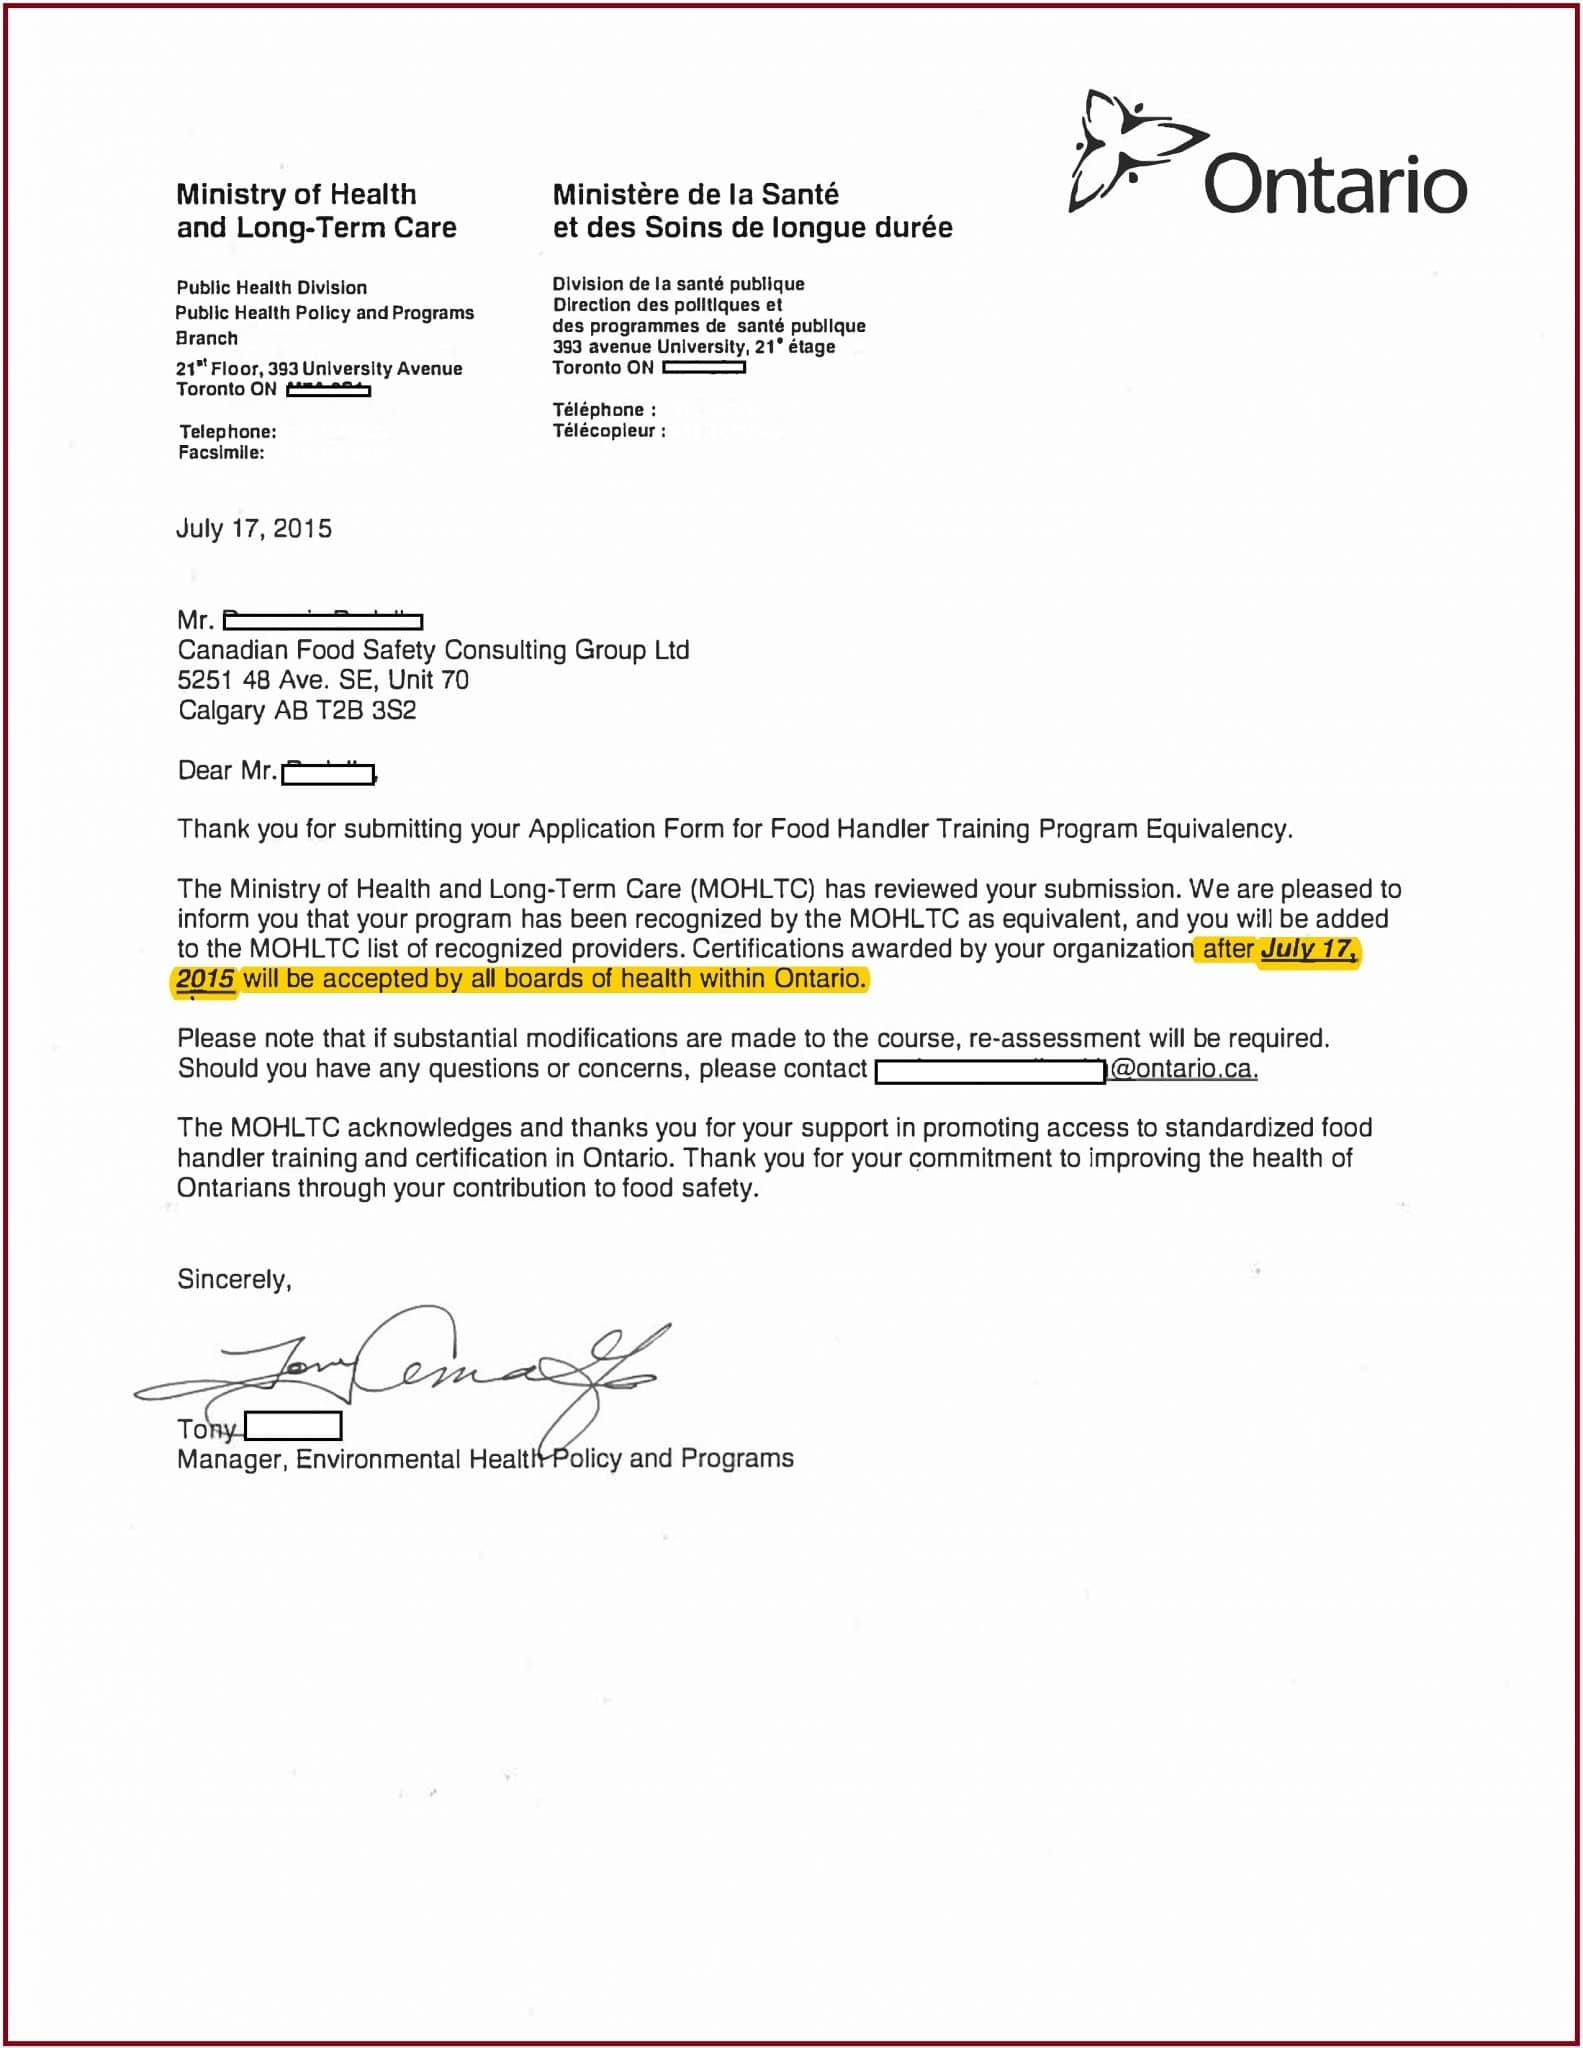 certificado de entrenamiento de manipulador de alimentos